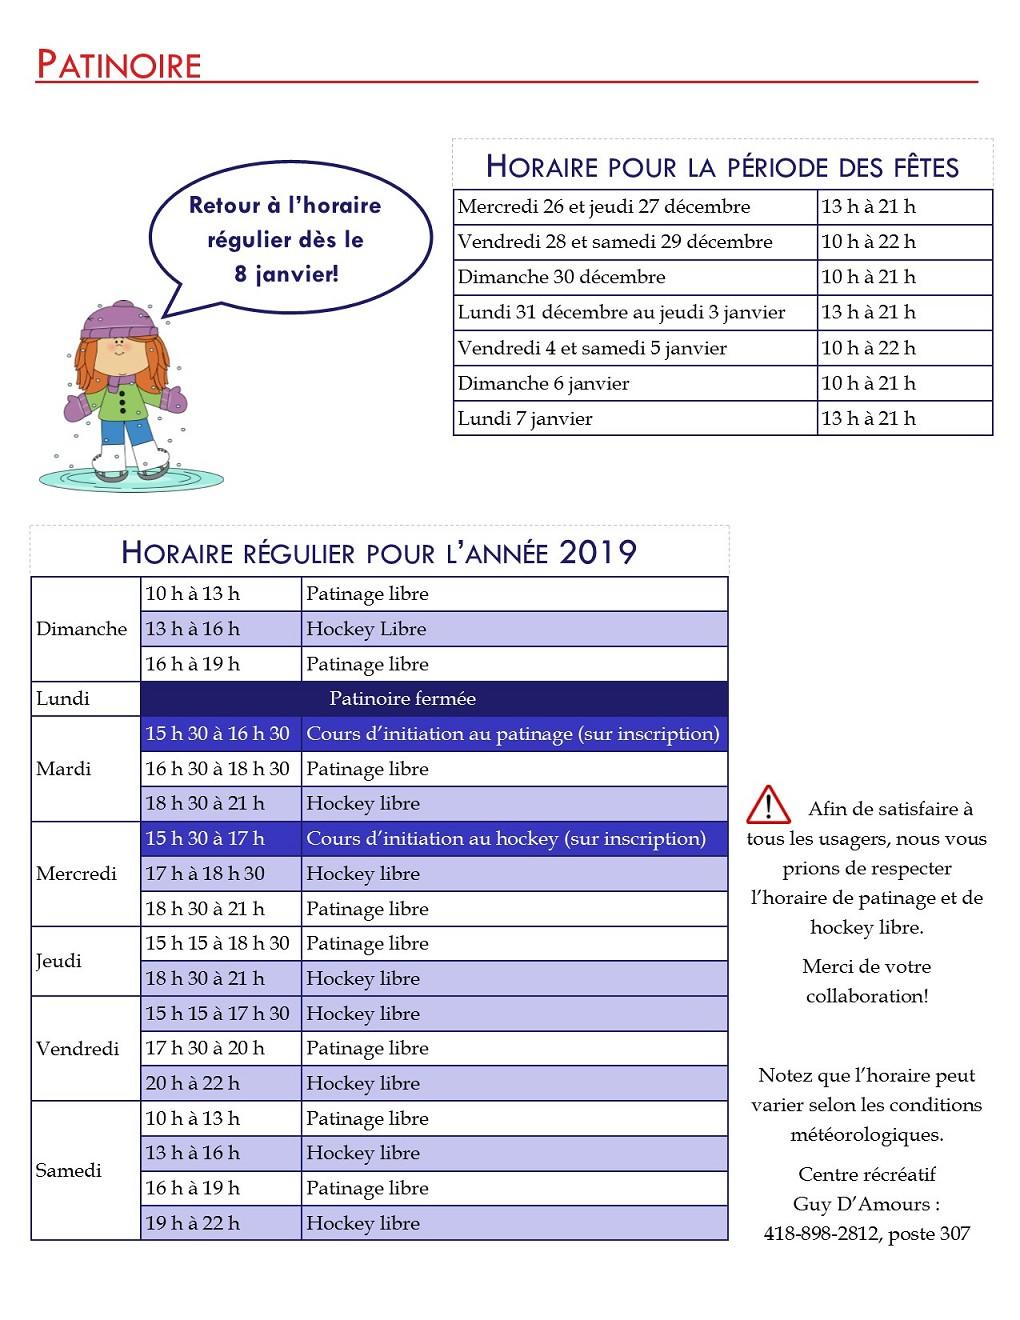 patinoire 2019 horaire 26 déc